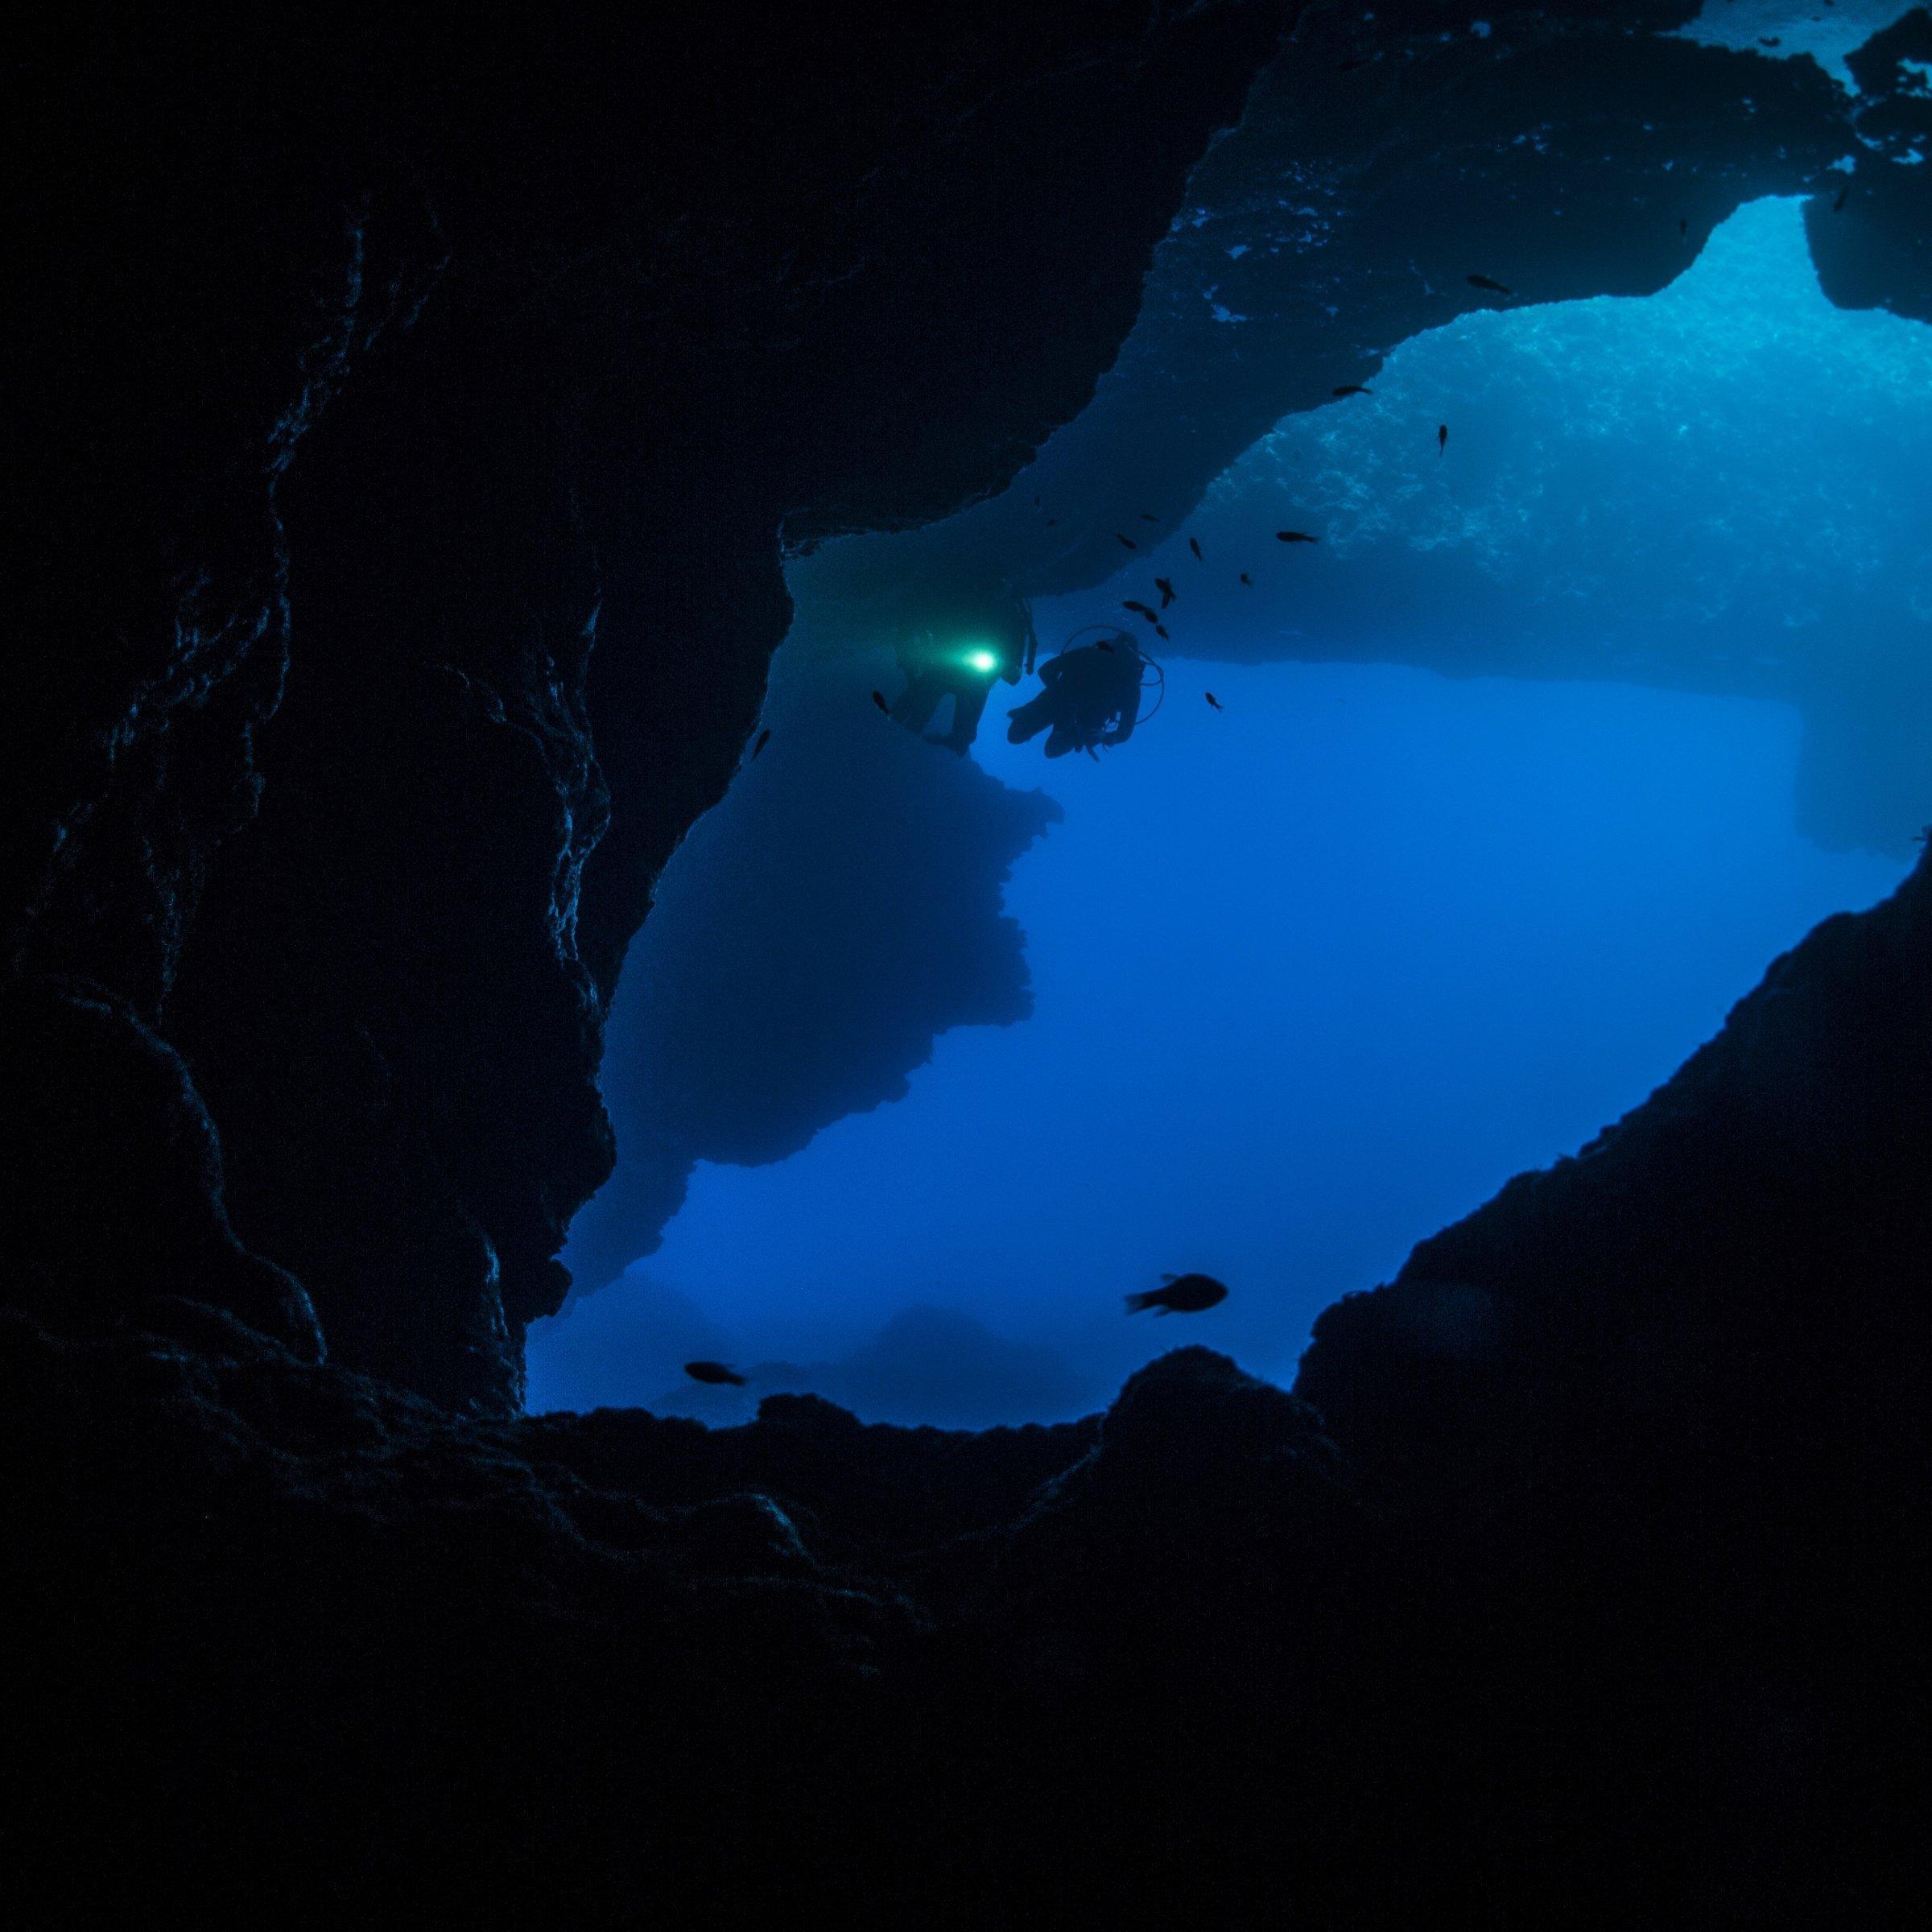 Ein Taucher in einer Höhle.